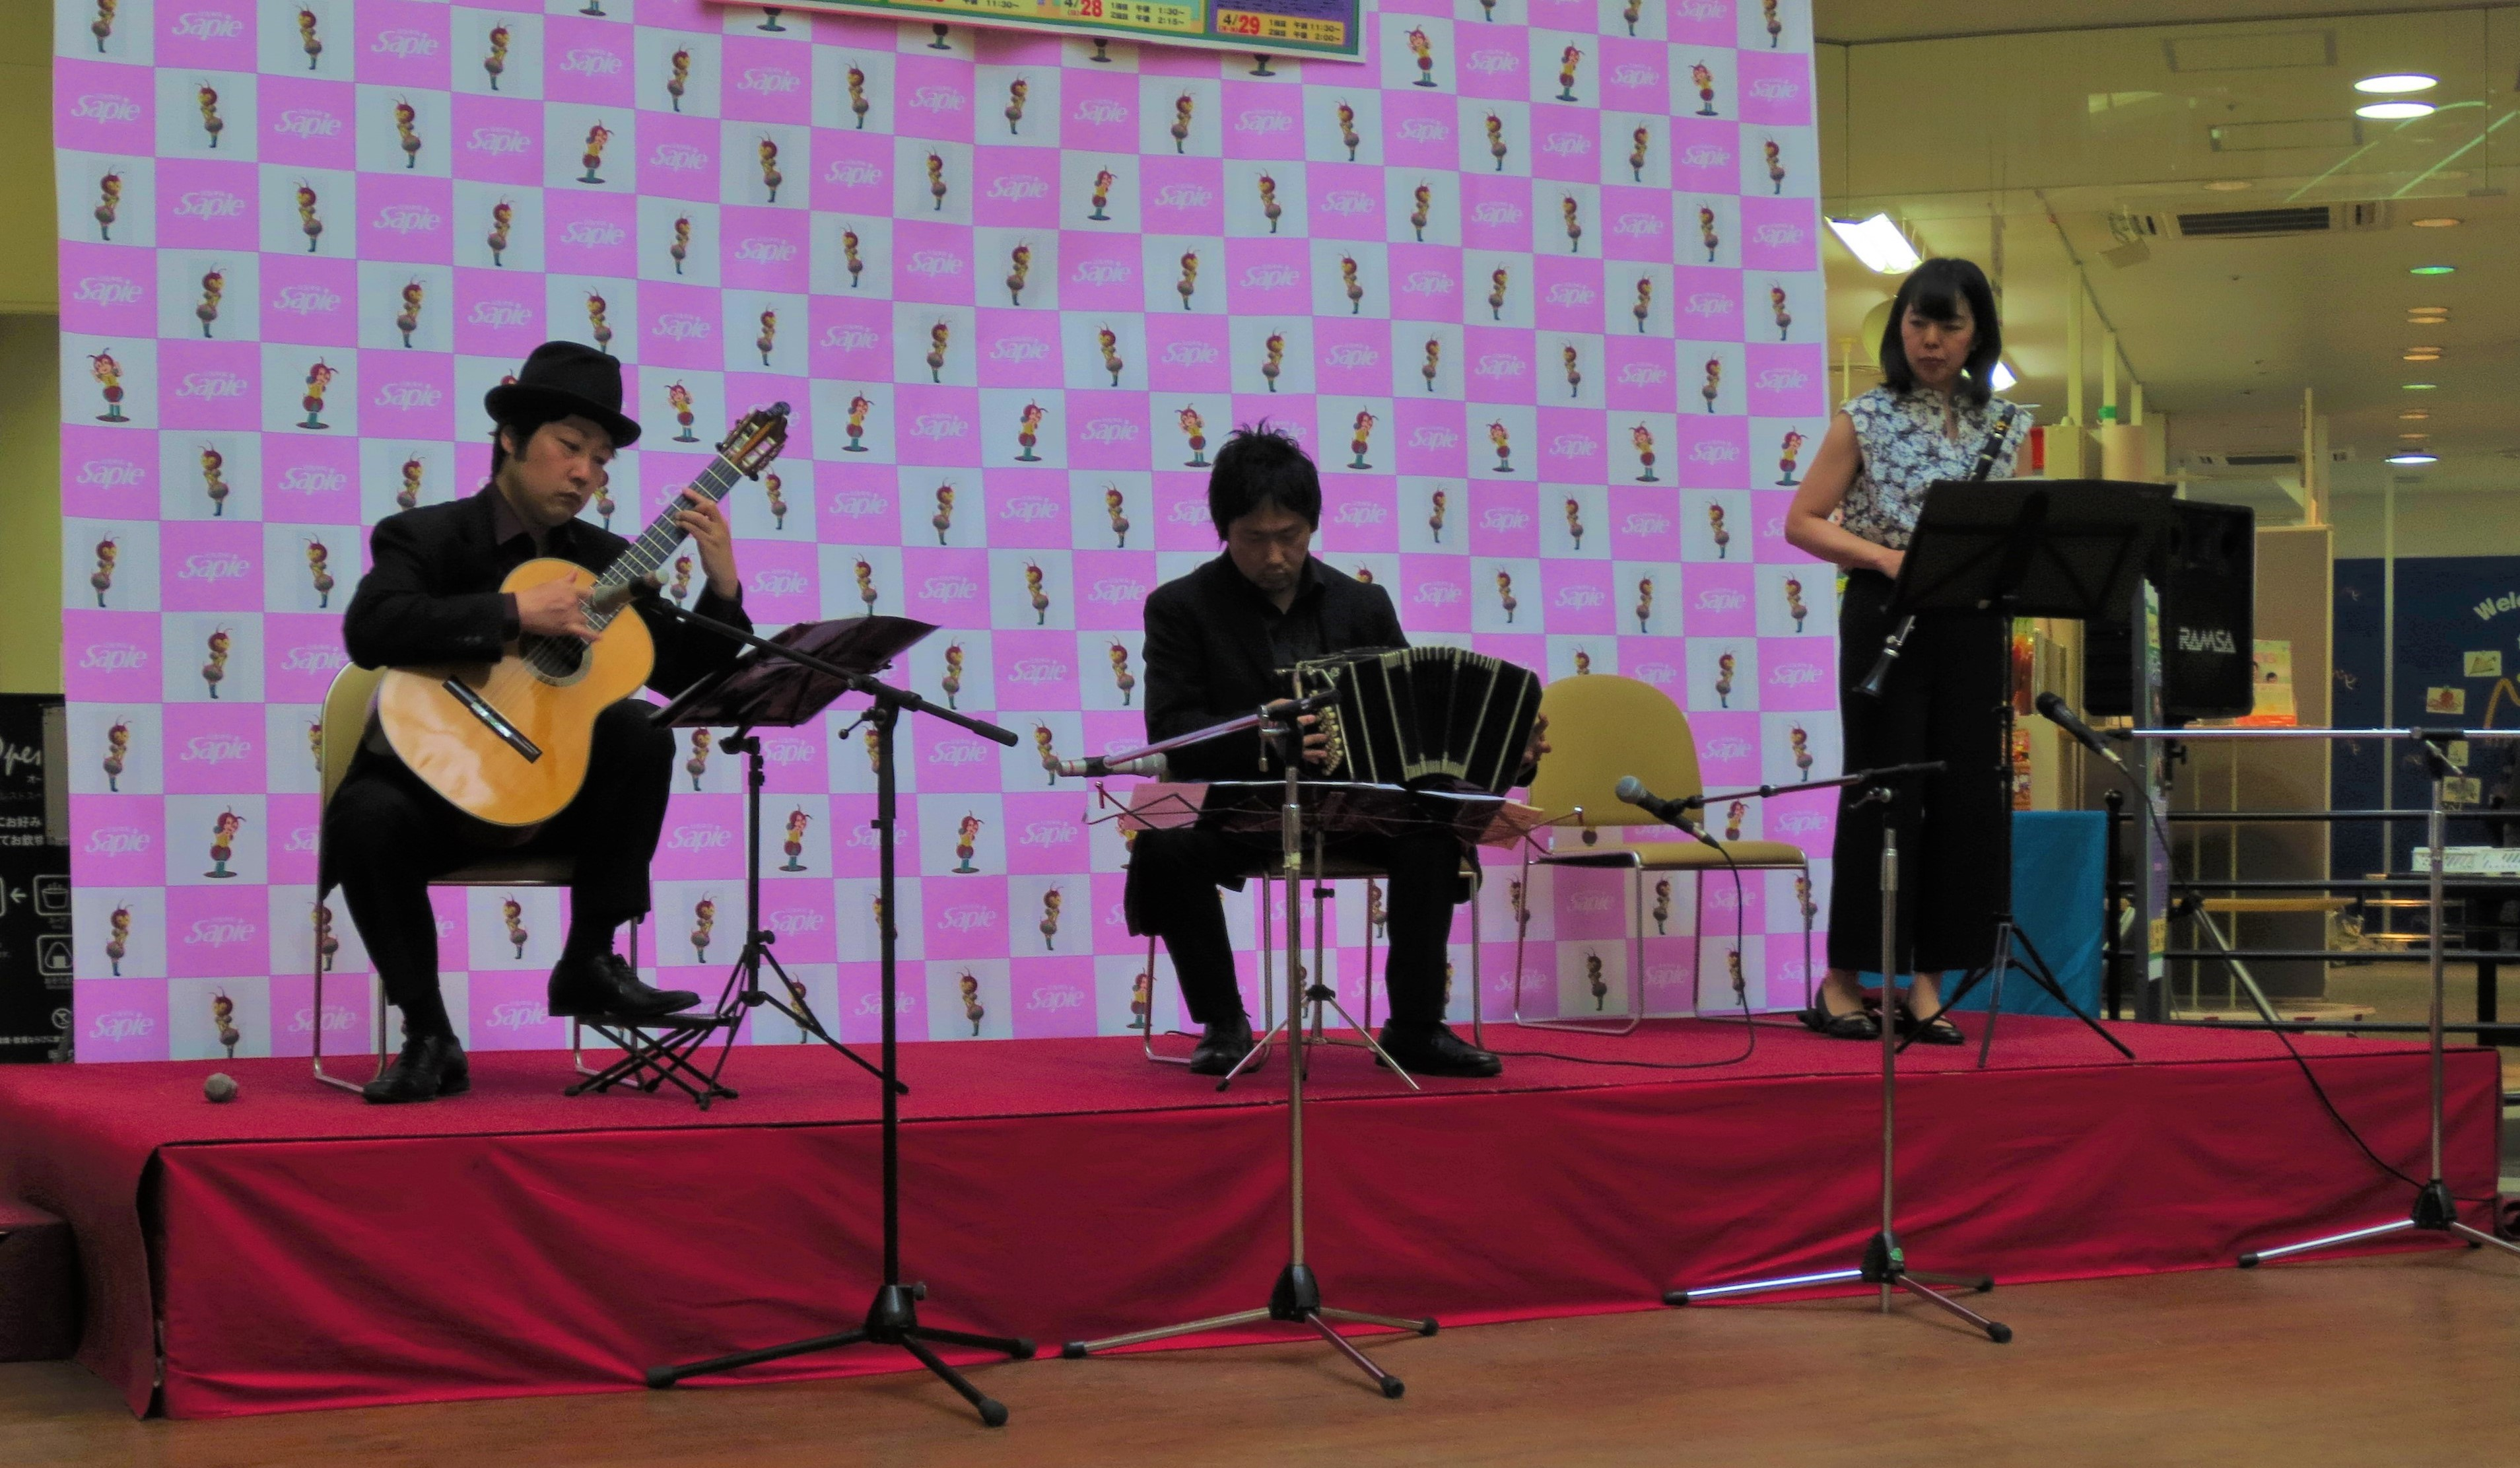 タンゴ・グレリオ(バンドネオン、ギター、クラリネット) 日生中央サピエ